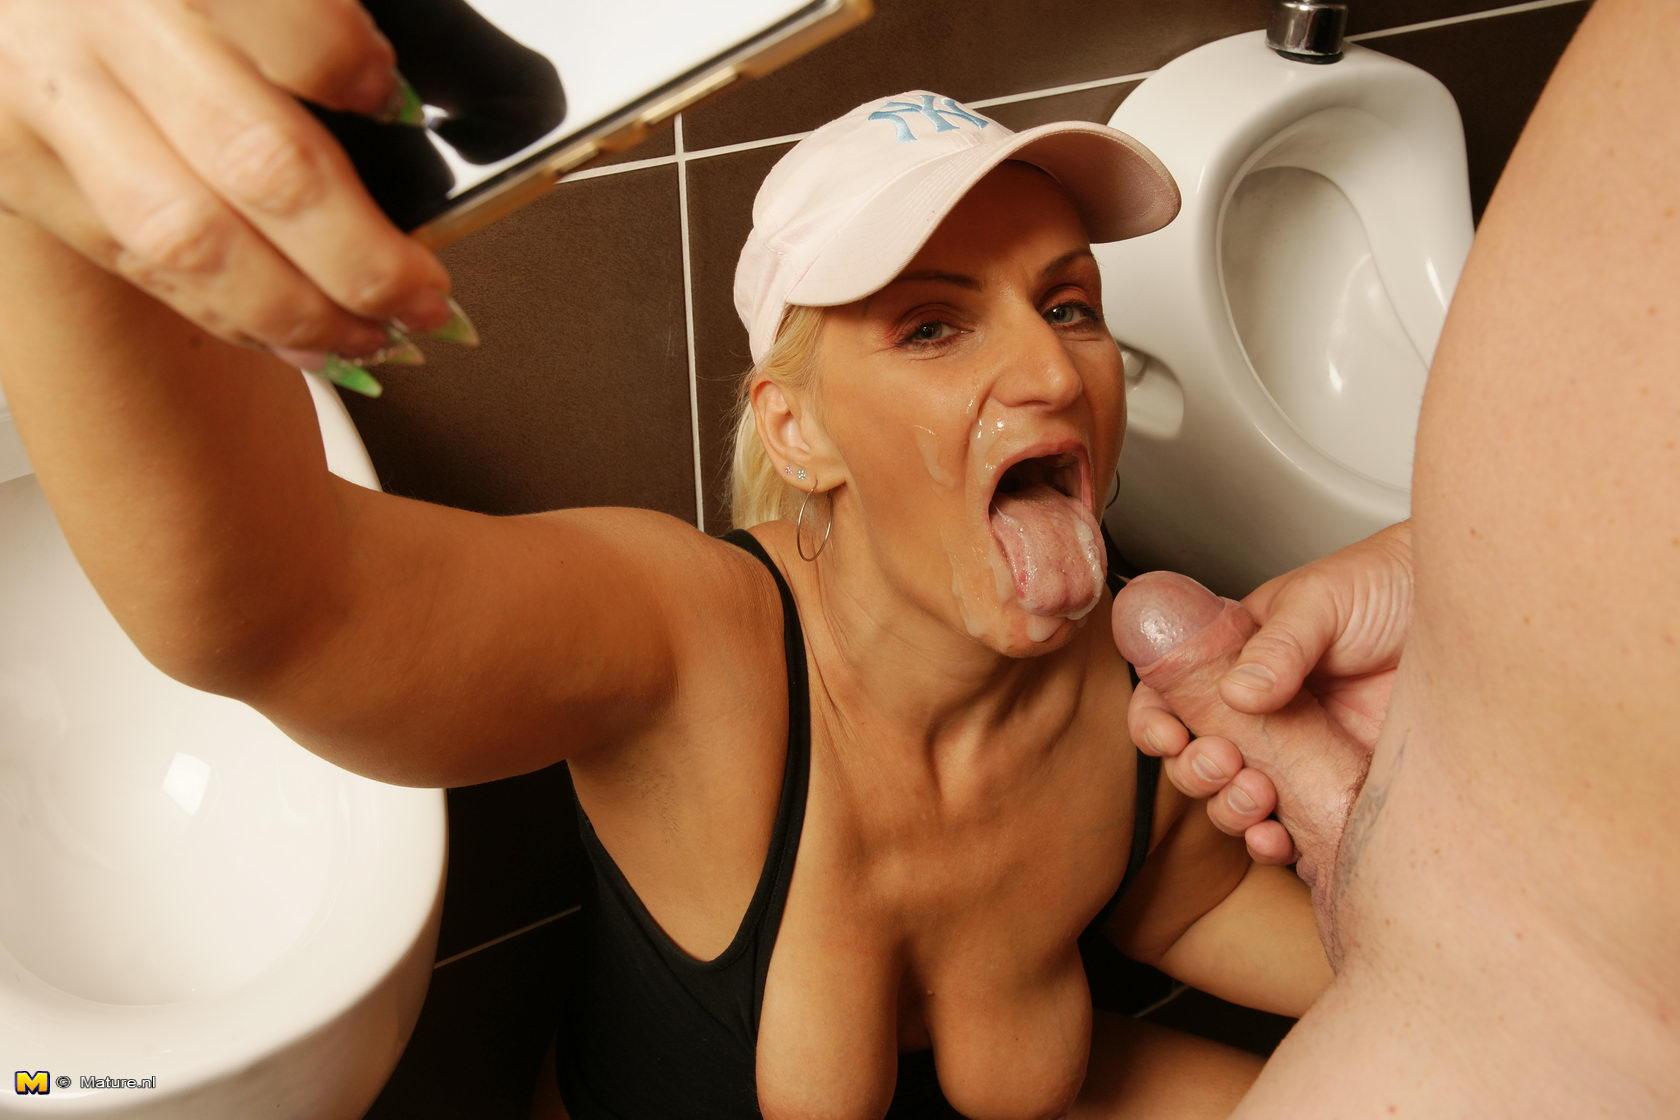 Girl masturbating fast